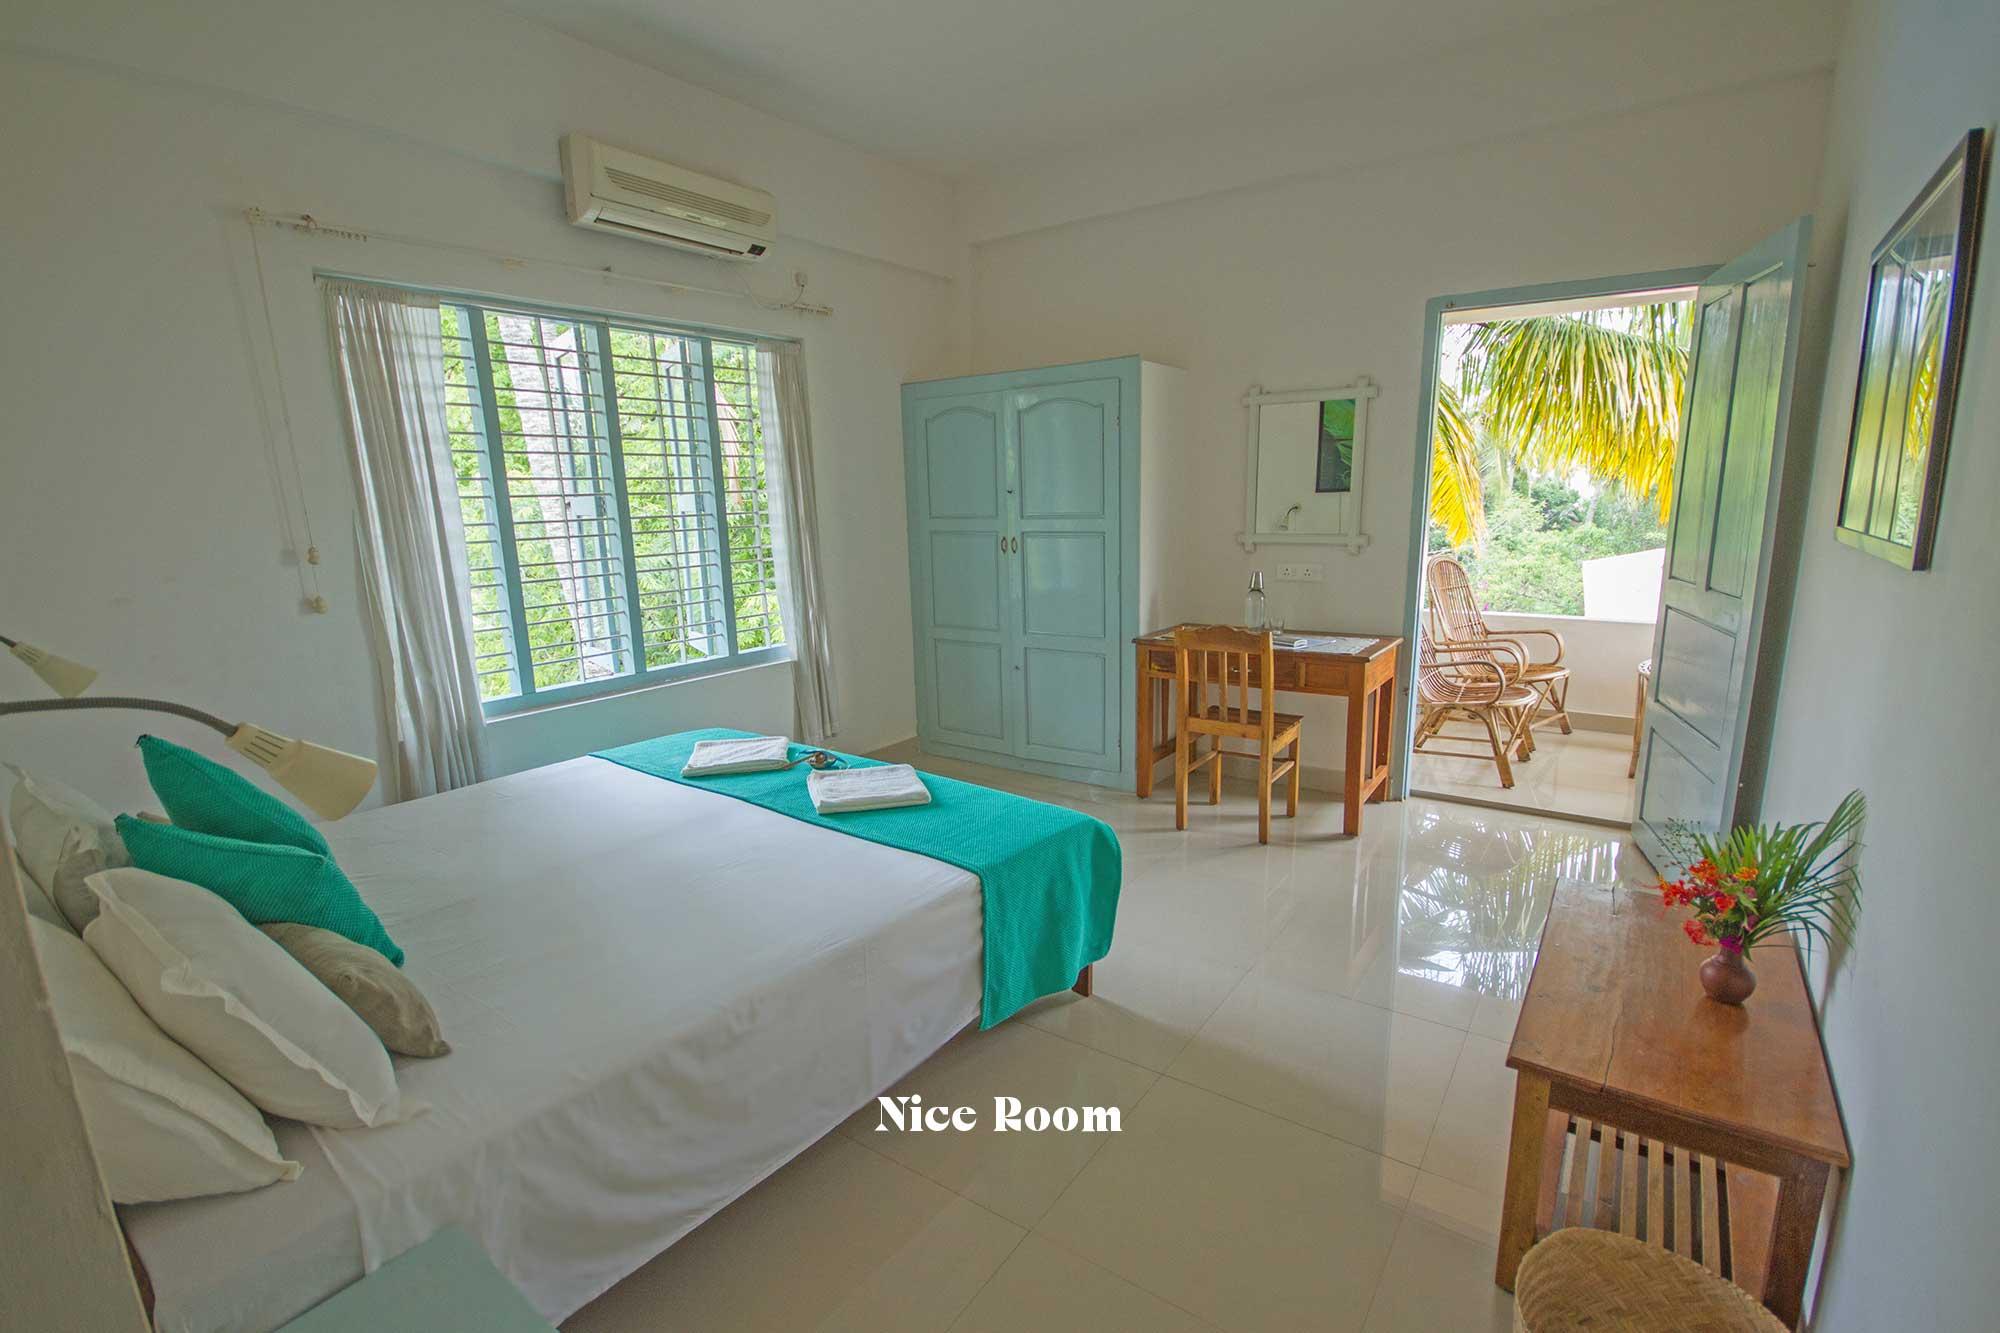 https://www.soulandsurf.com/wp-content/uploads/2021/10/roomsindia-images-26-Niceroom.jpg